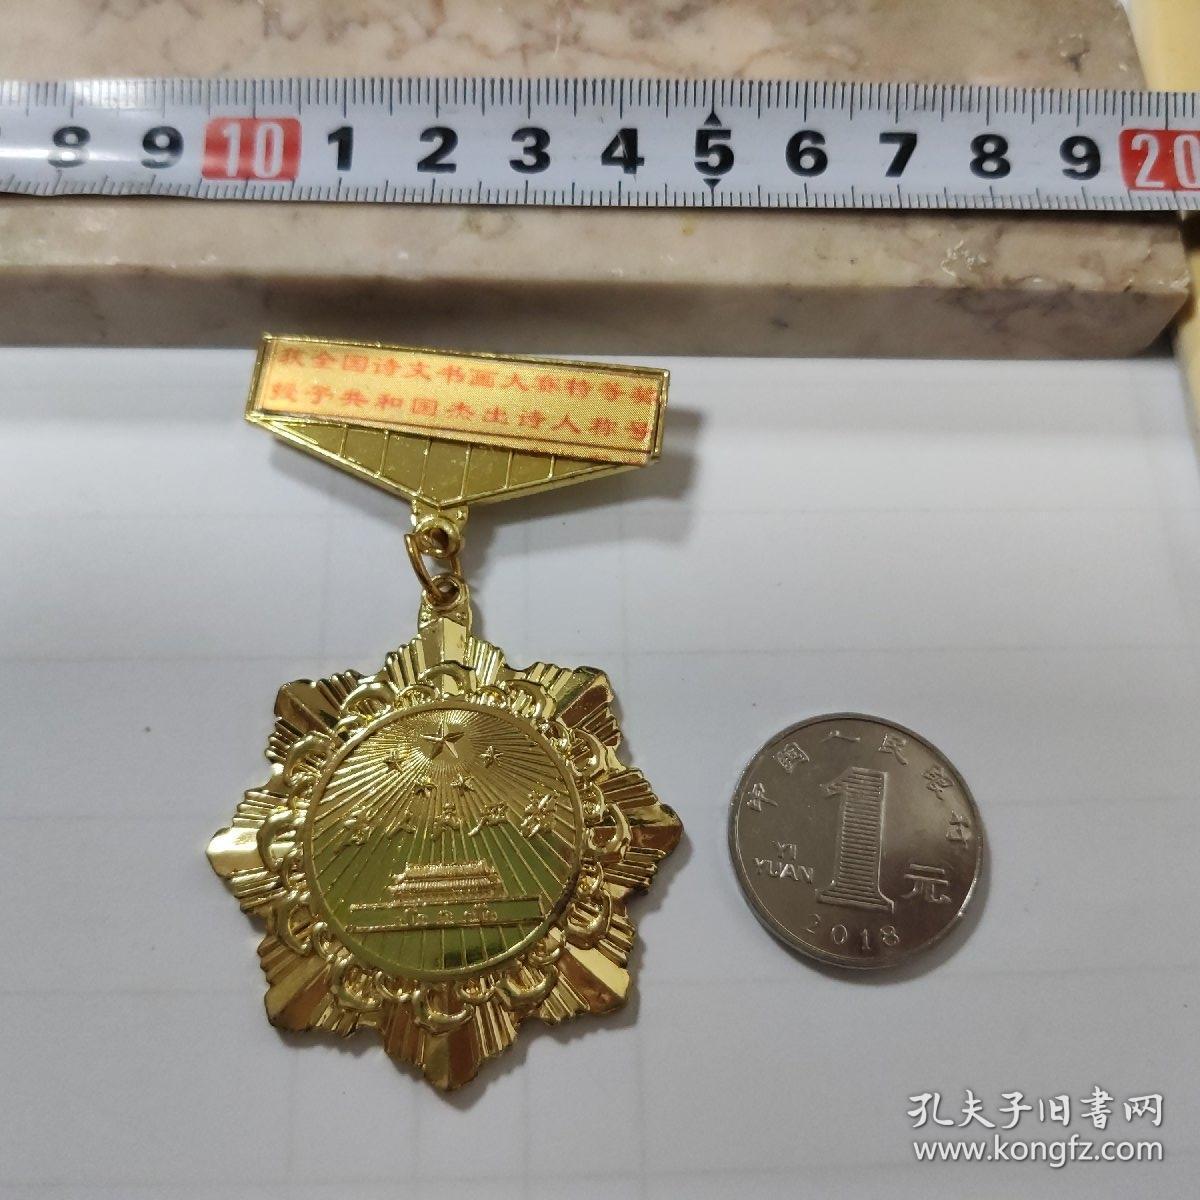 徽章:获全国诗文书画大赛特等奖,授予共和国杰出诗人称号